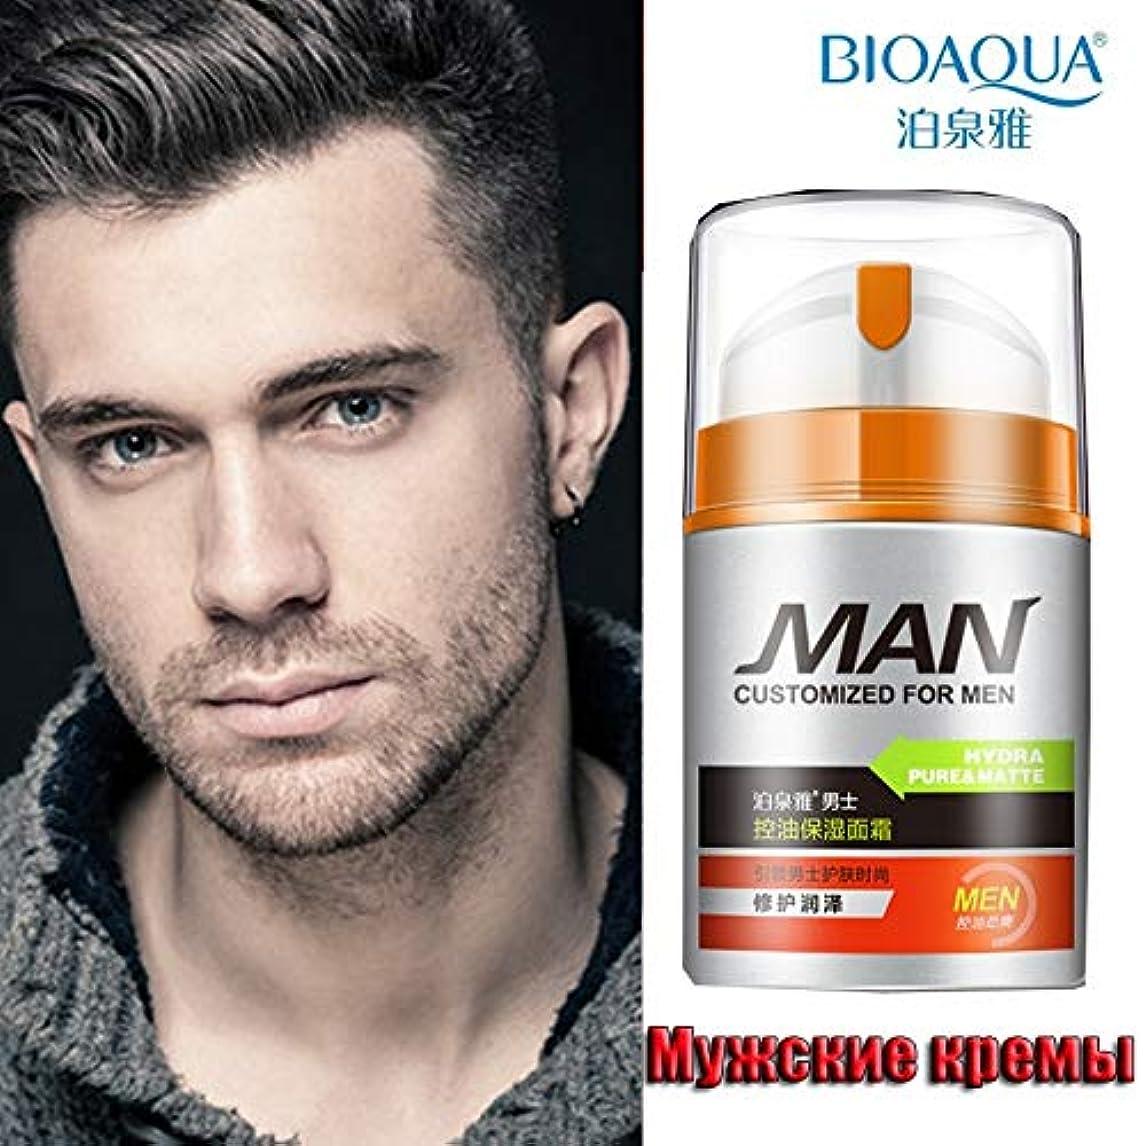 アーティストプラスチックカルシウムBioaquaフェイスケアダイナミック男性保湿クリーム保湿アンチリンクルモイスチャライジングミルク男性ケア製品